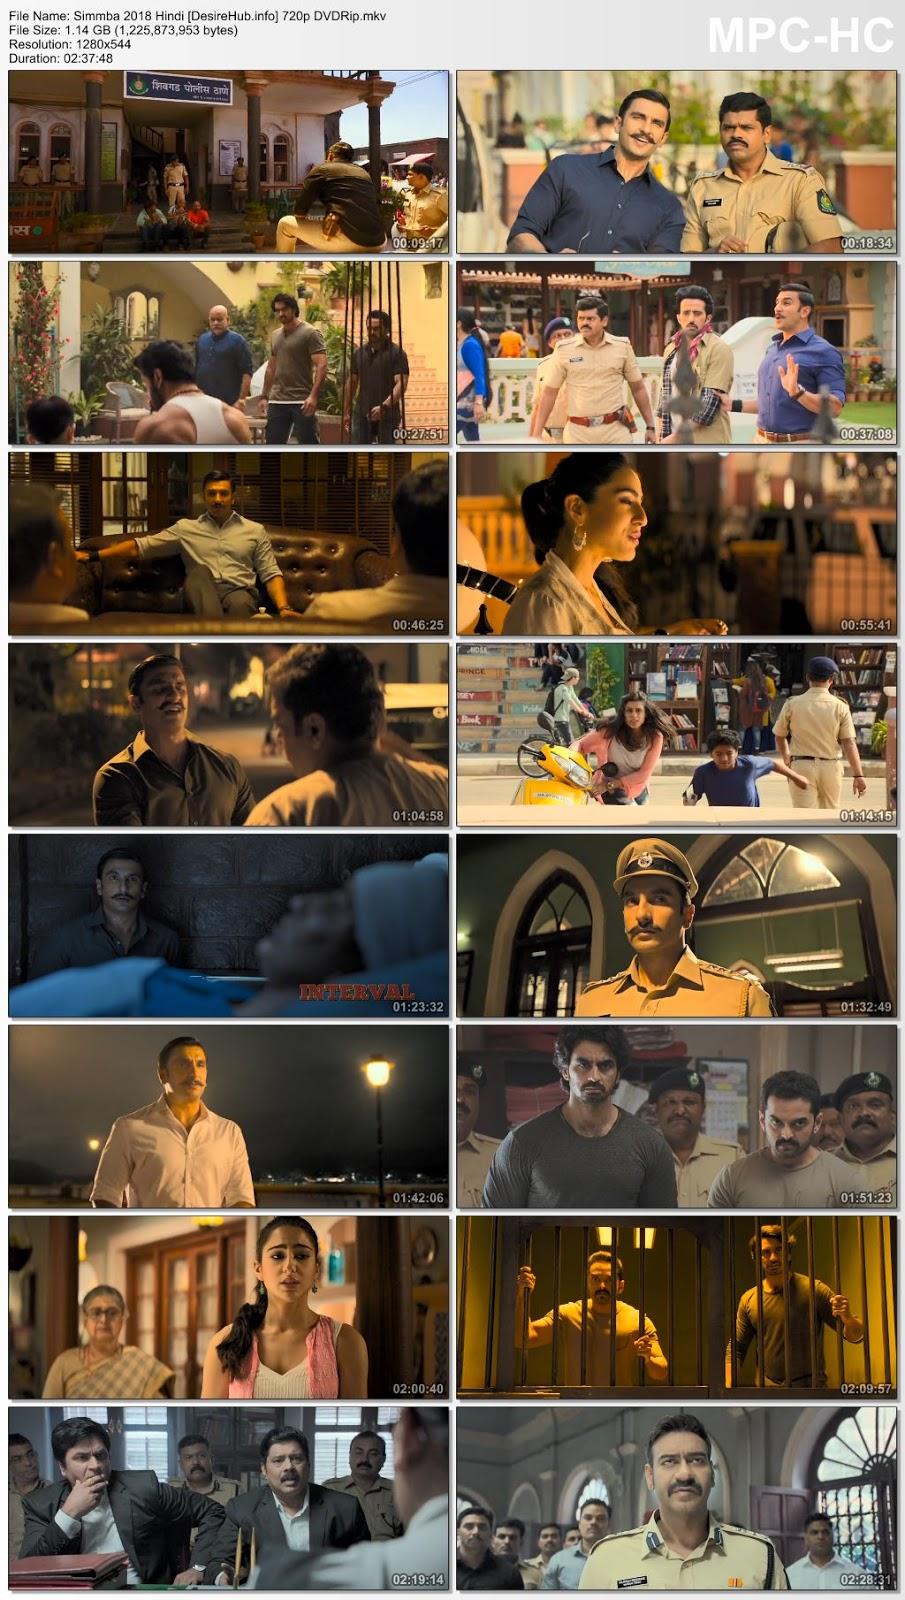 Simmba 2018 Hindi 720p DVDRip 1.1GB Desirehub